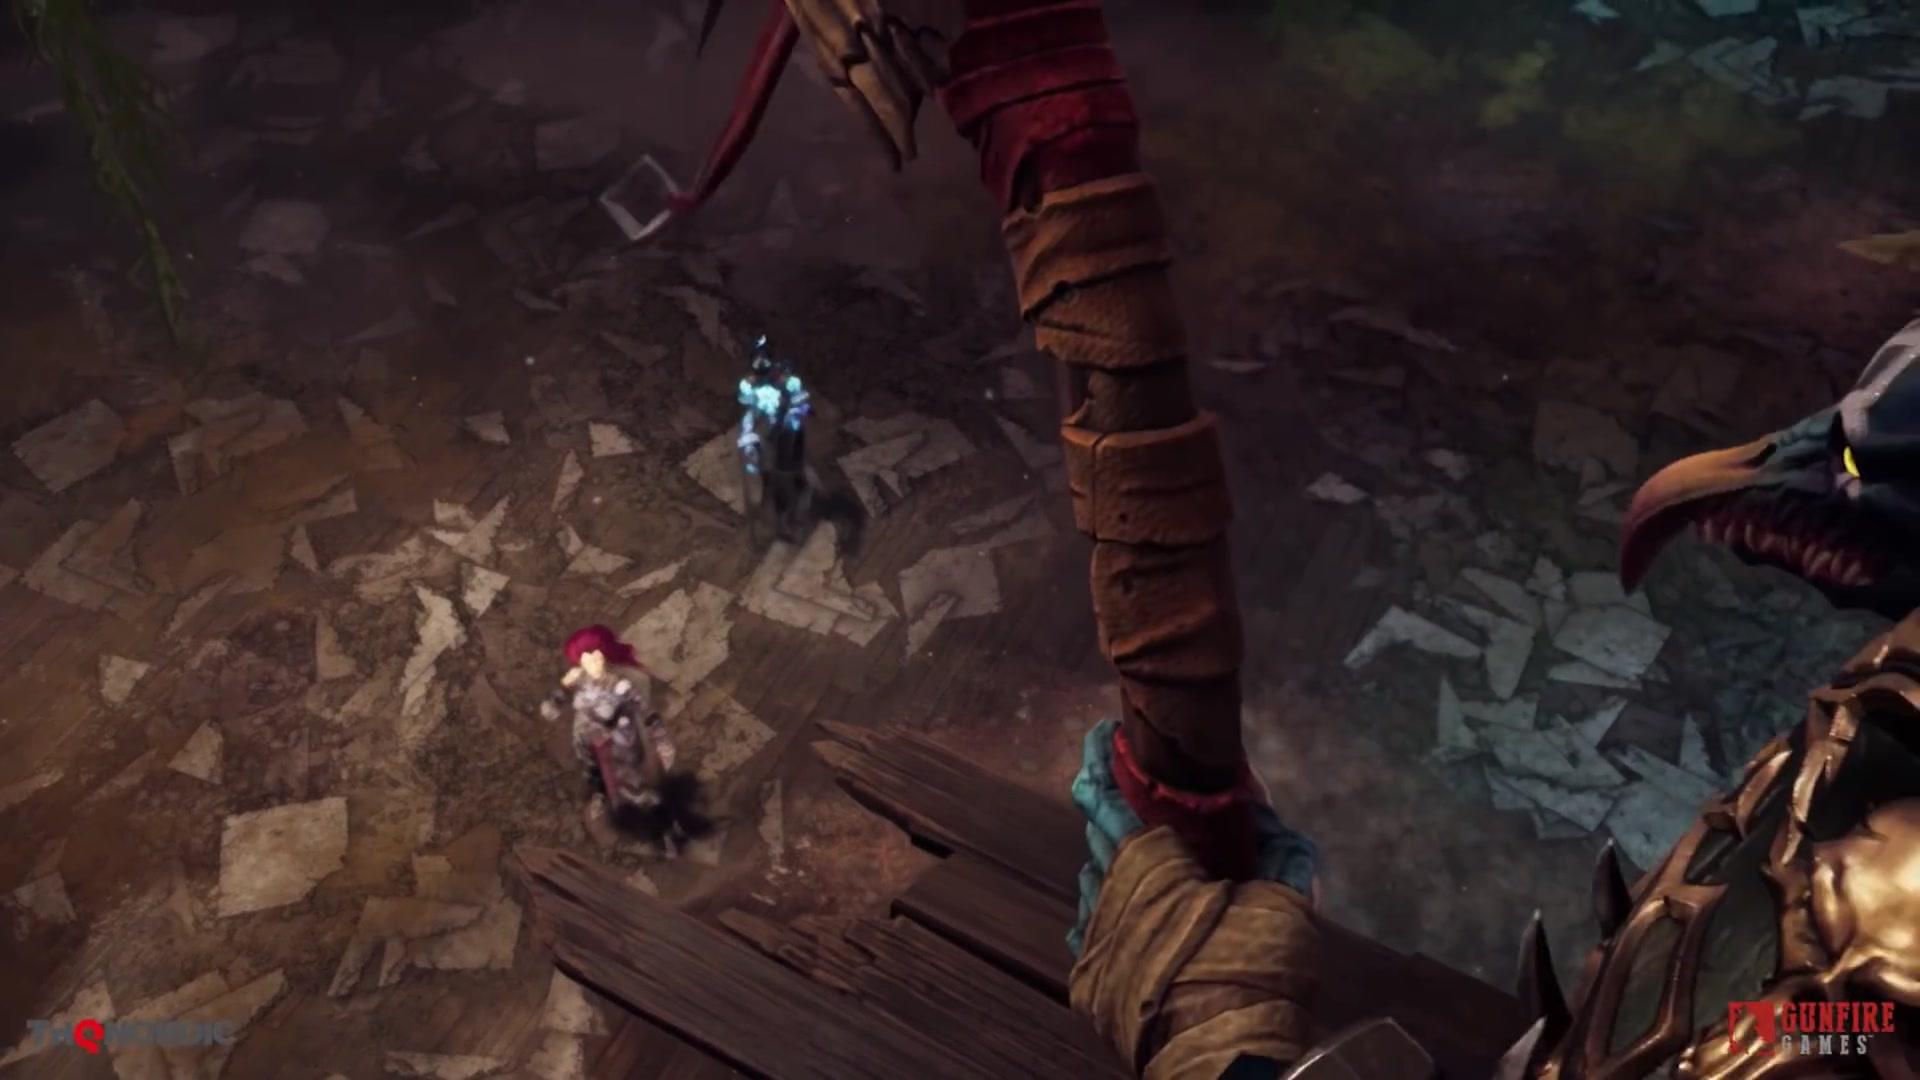 战争之后满目疮痍 《暗黑血统3》再曝新游戏画面